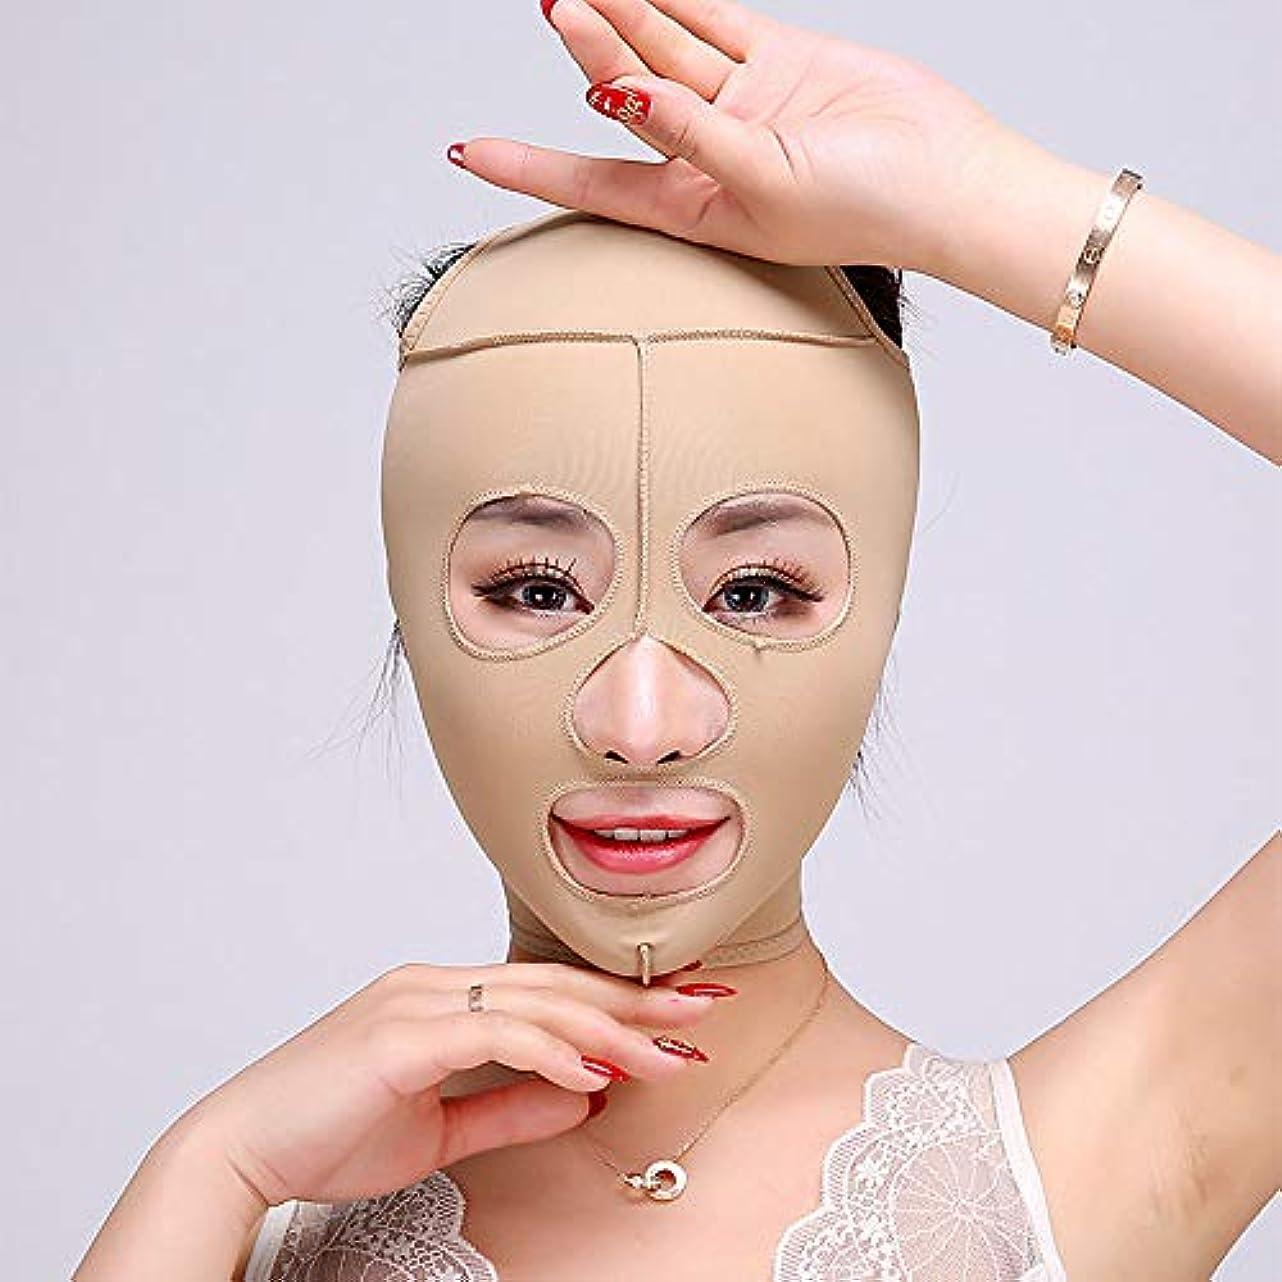 永続セブン満足できる肌に優しい睡眠薄いフェイス包帯、小さなVフェイス包帯/フェイスマスク/リフティングフェイス引き締め改装二重あご(カラー)